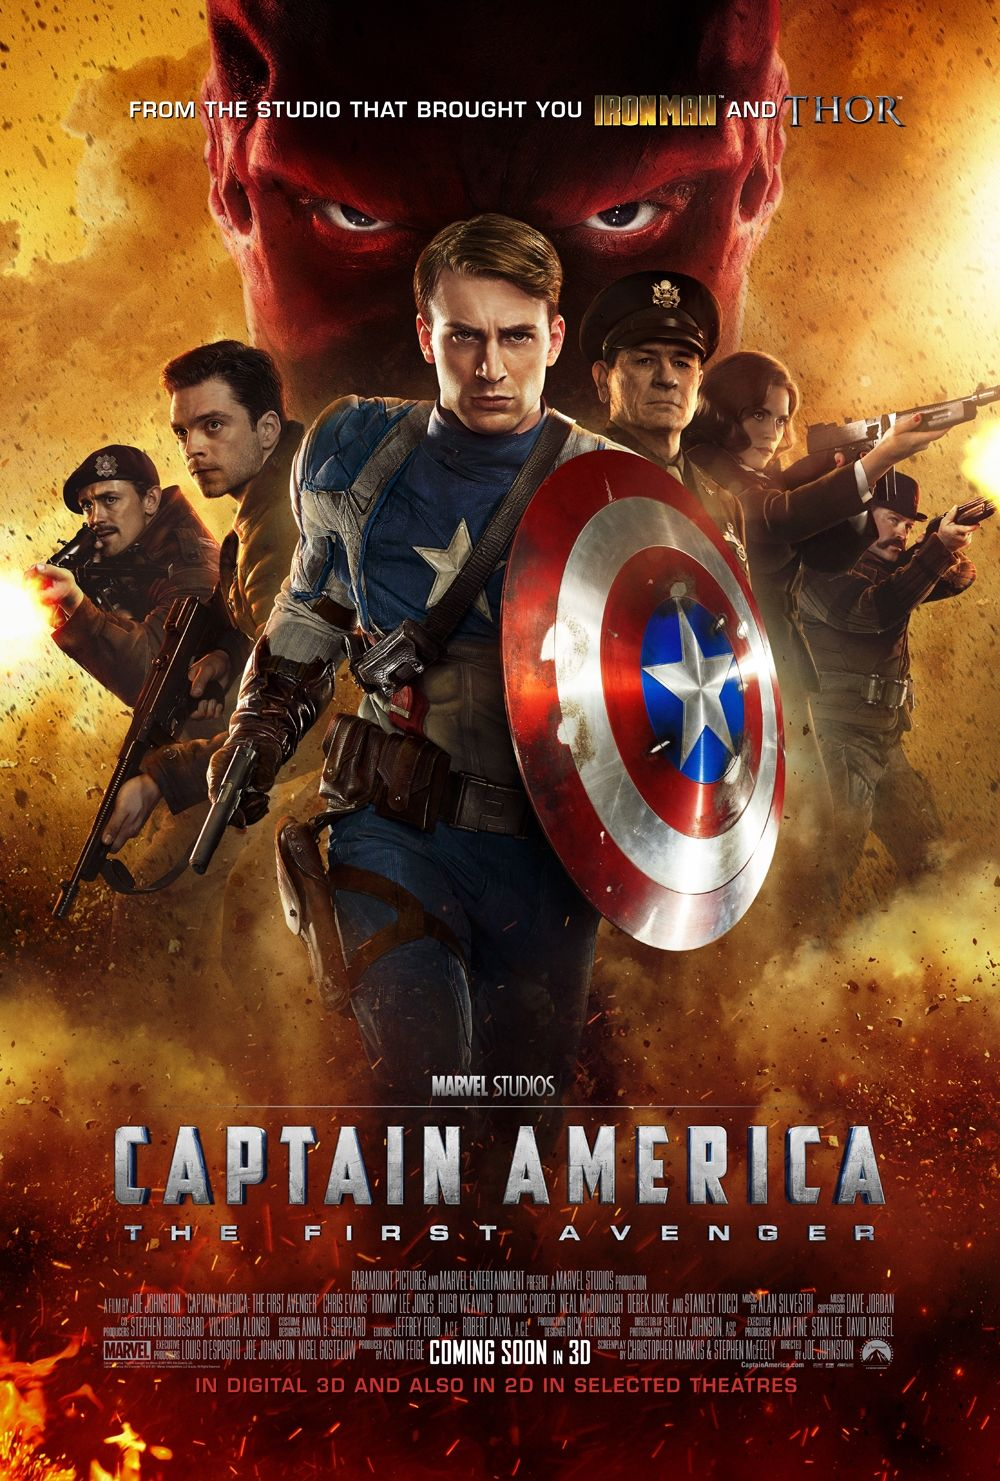 My Favorite Superhero Movie About My Favorite Superhero Capitao